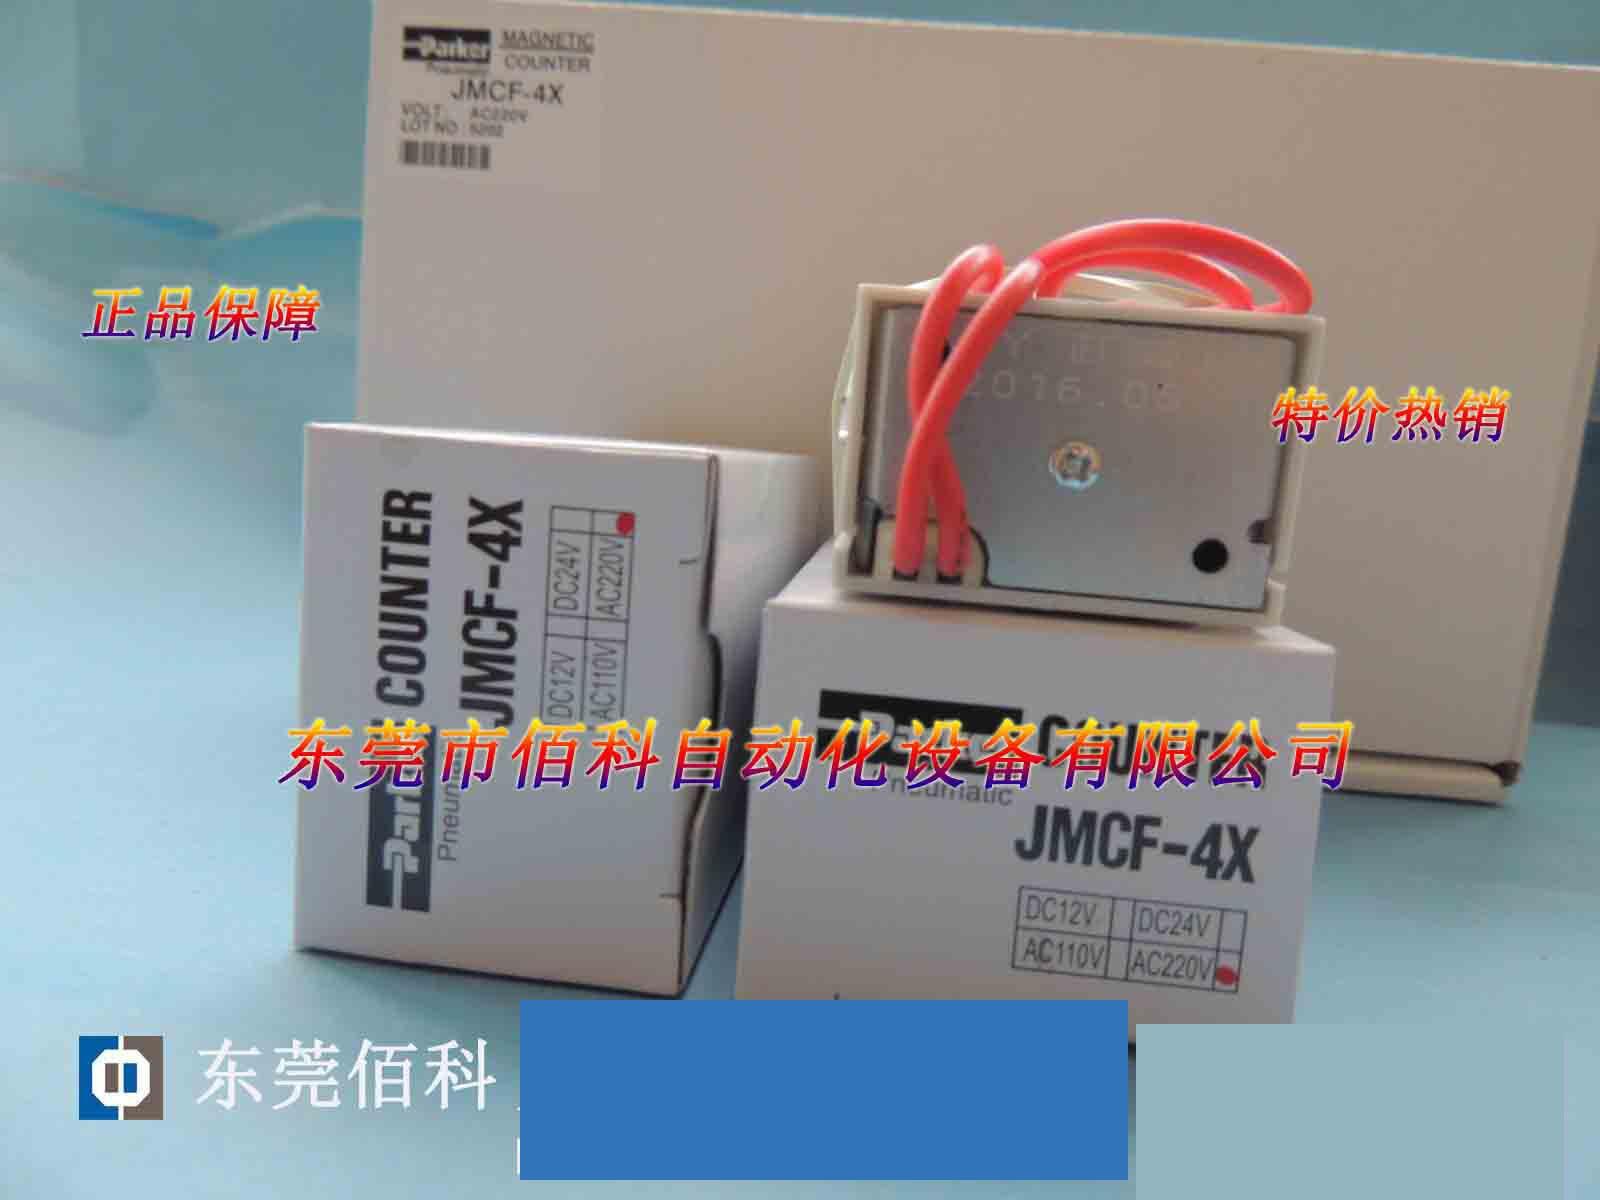 Parker Counter JMCF-4X AC220V DC24V